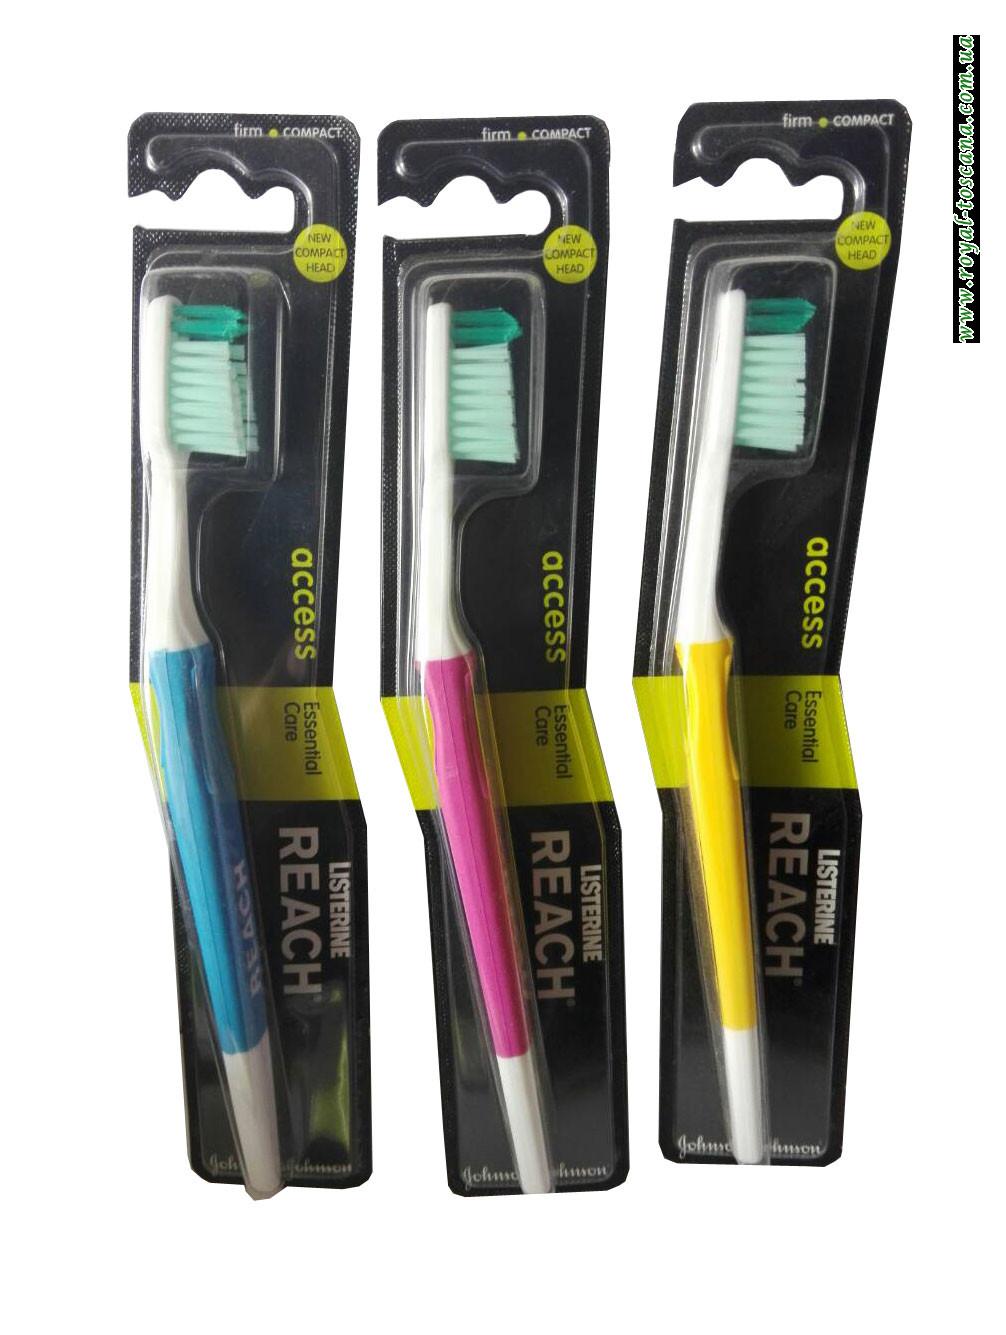 Зубная щетка Reach Listerine Access